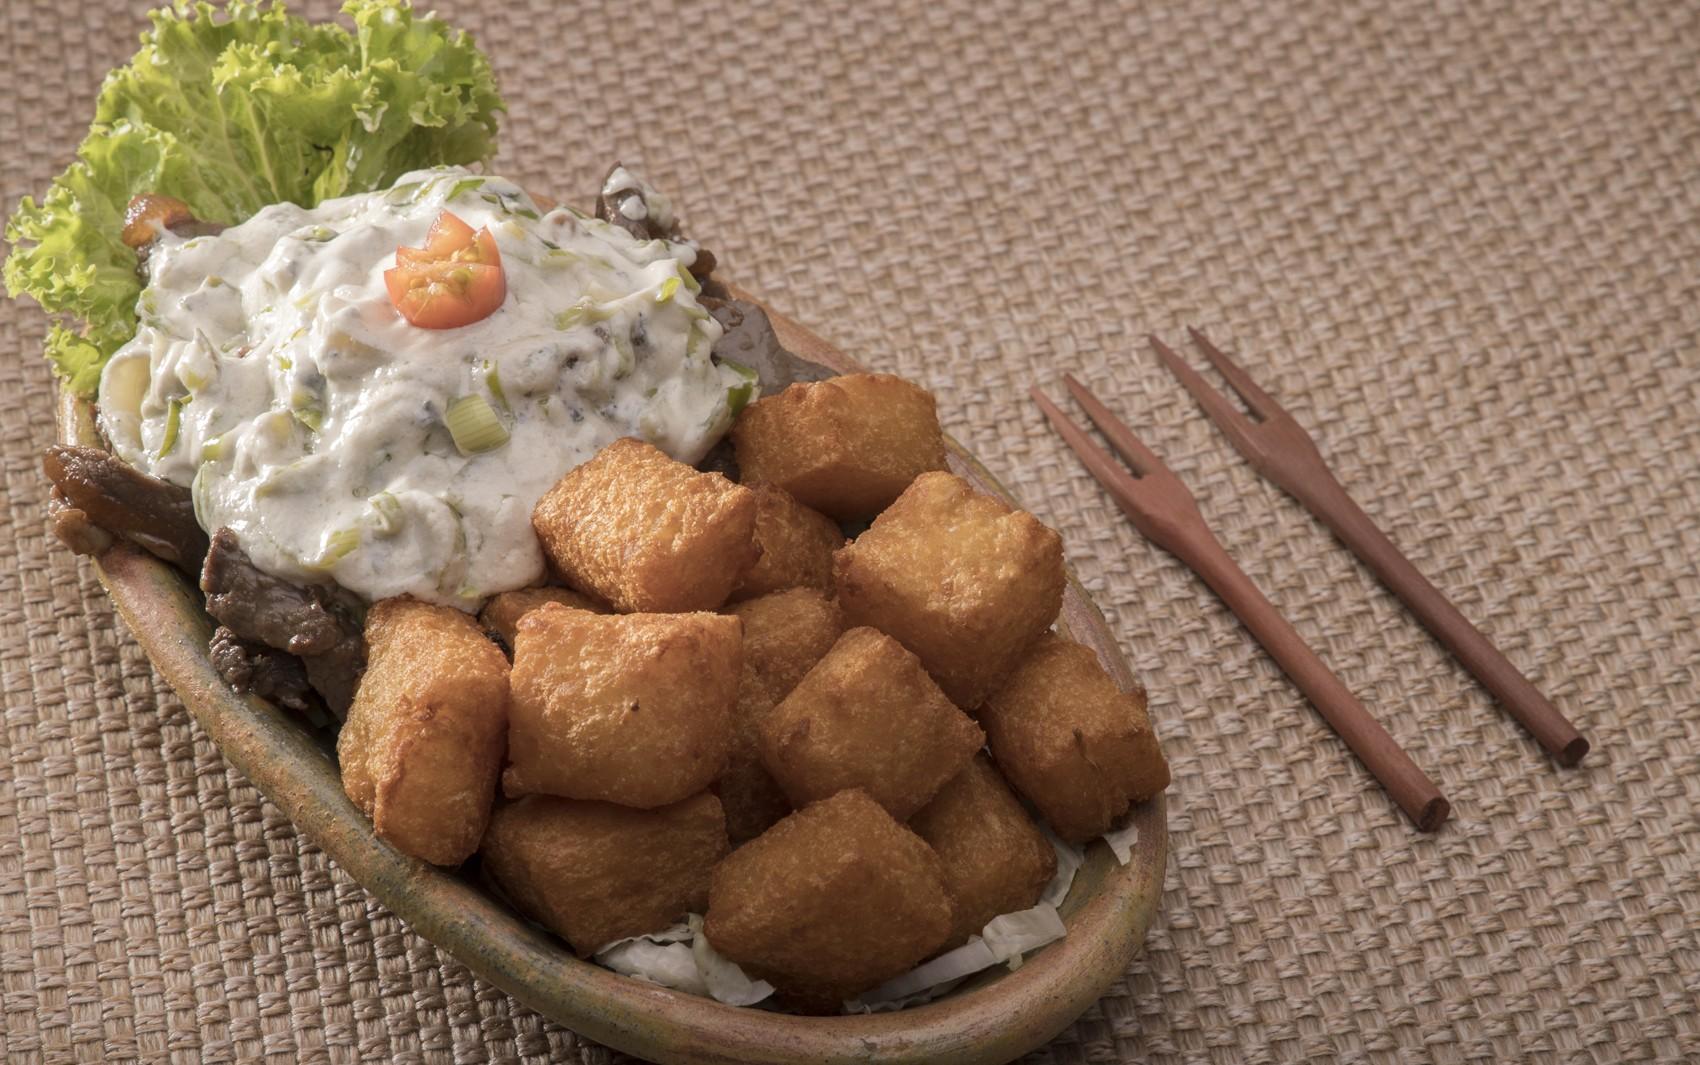 Comida di Buteco: petisco de iscas de carne com molho gorgonzola e alho-poró participa do festival